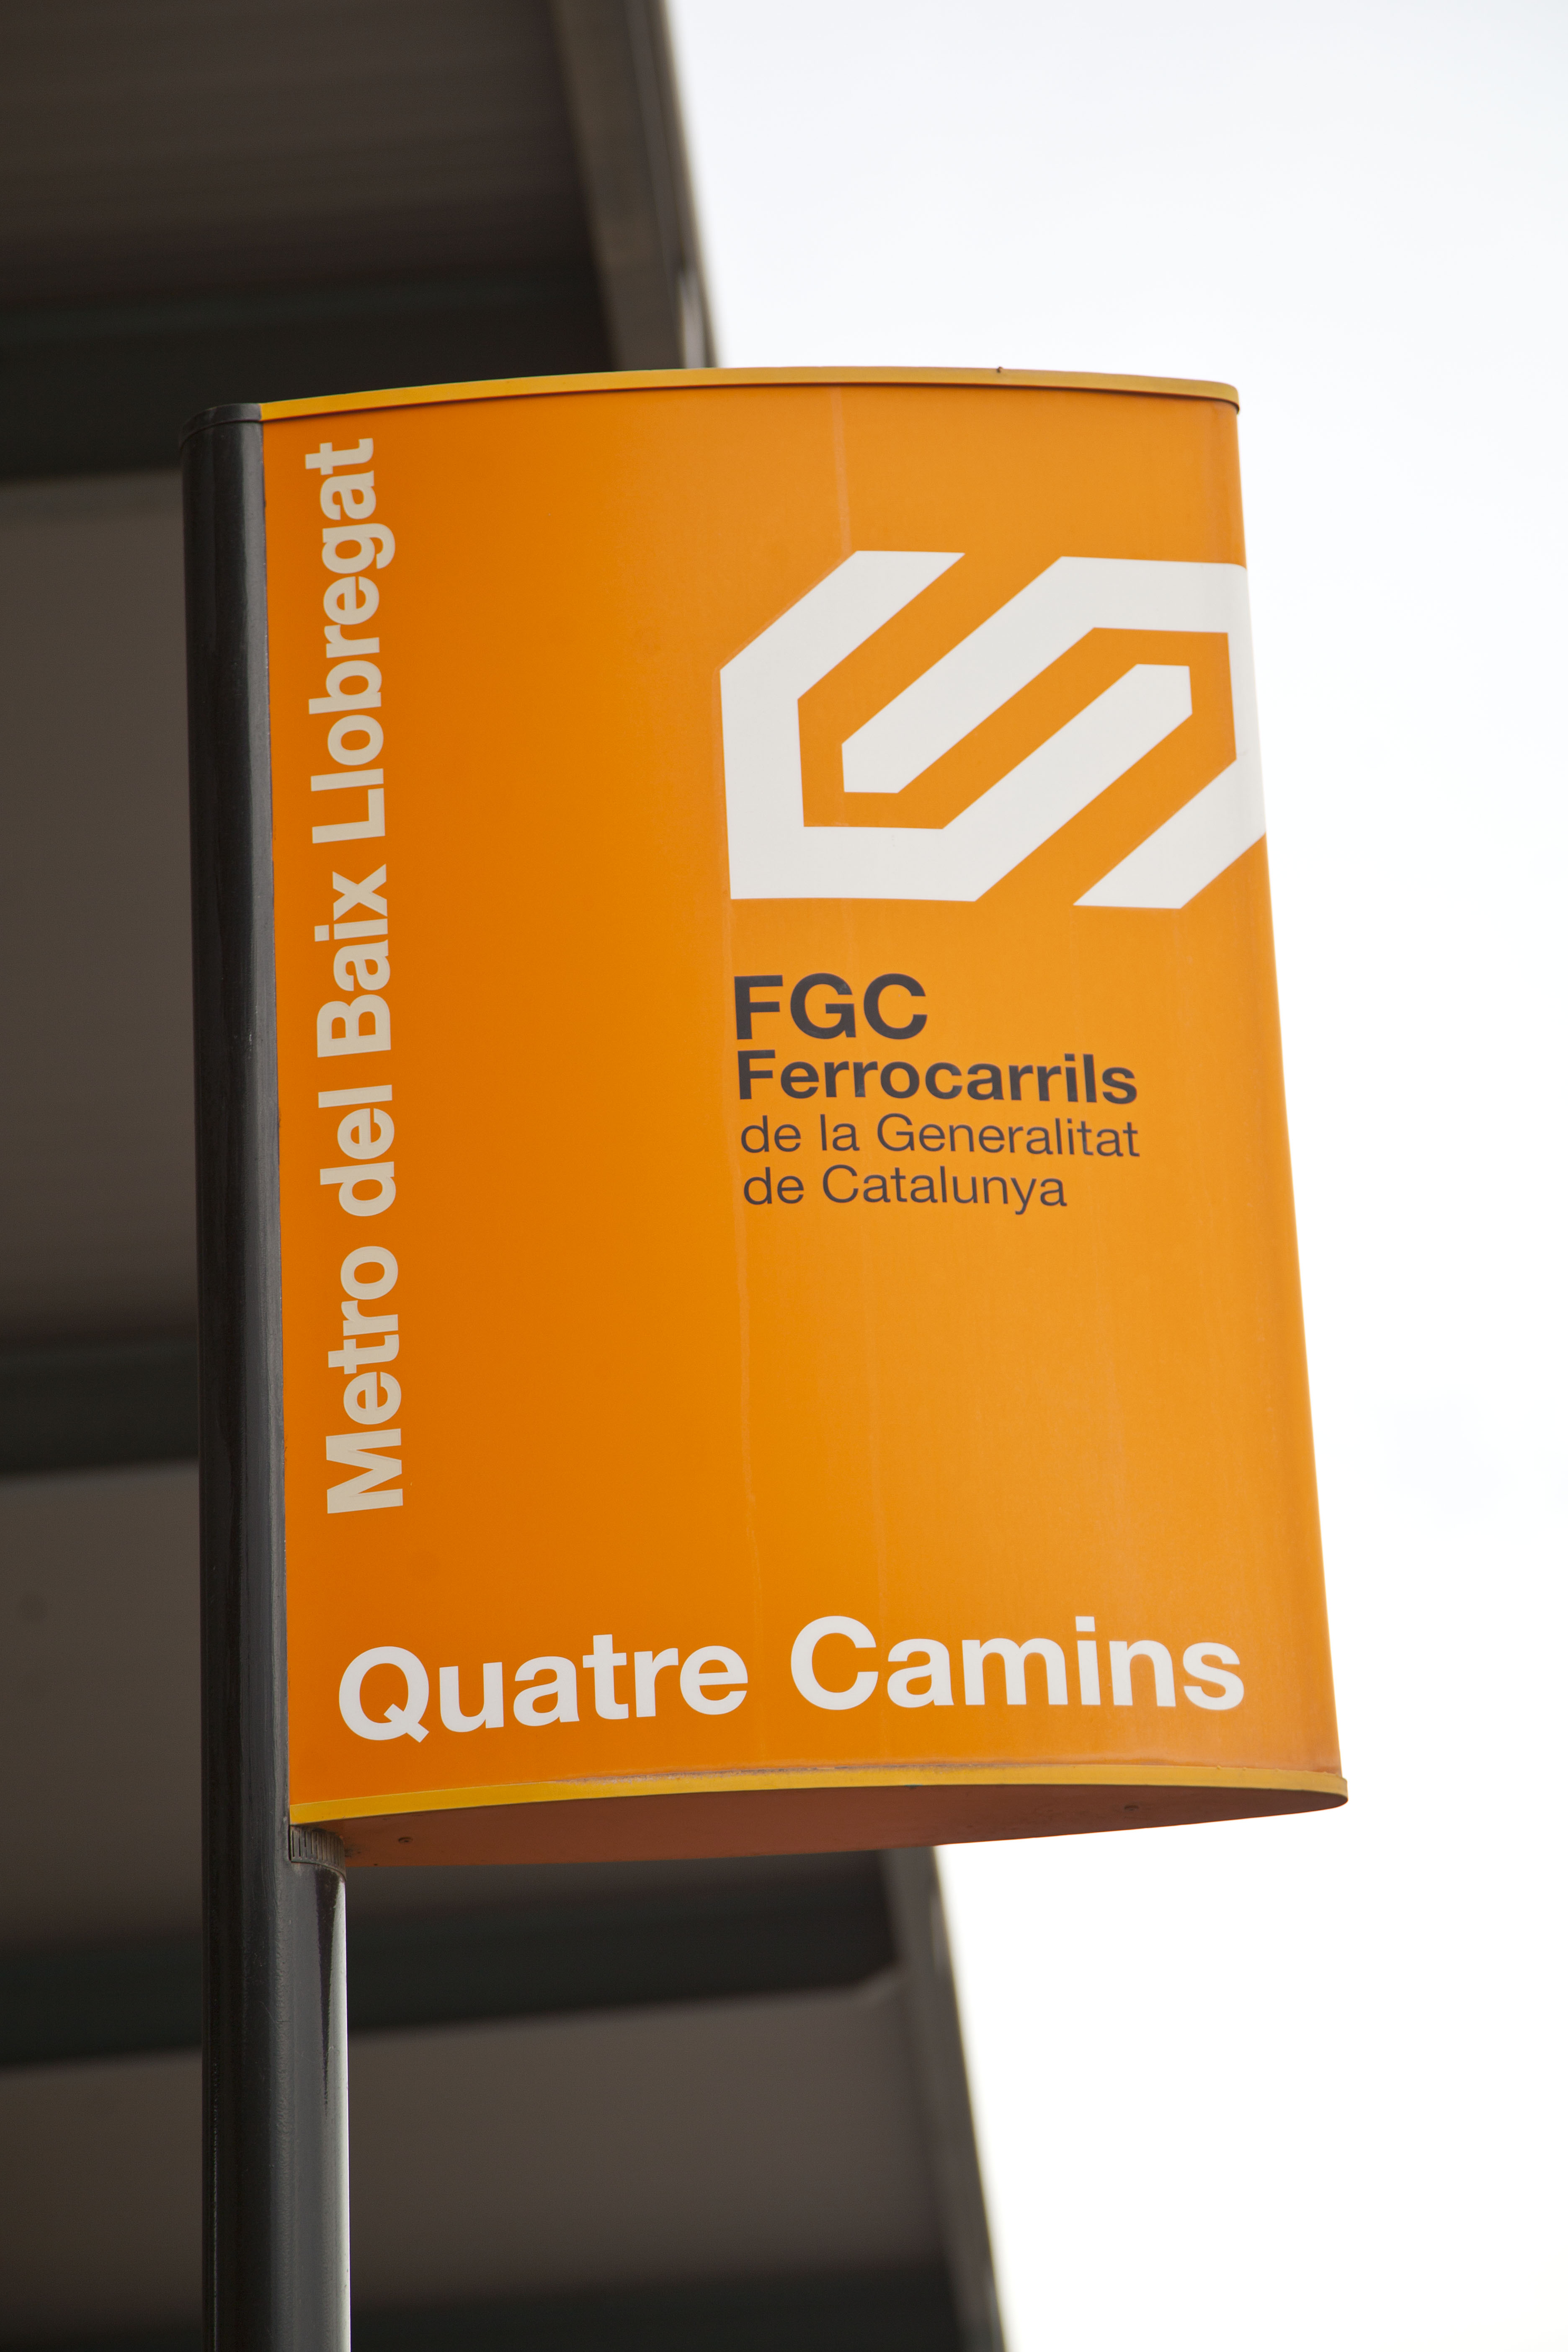 QUATRE -CAMINS -FGC